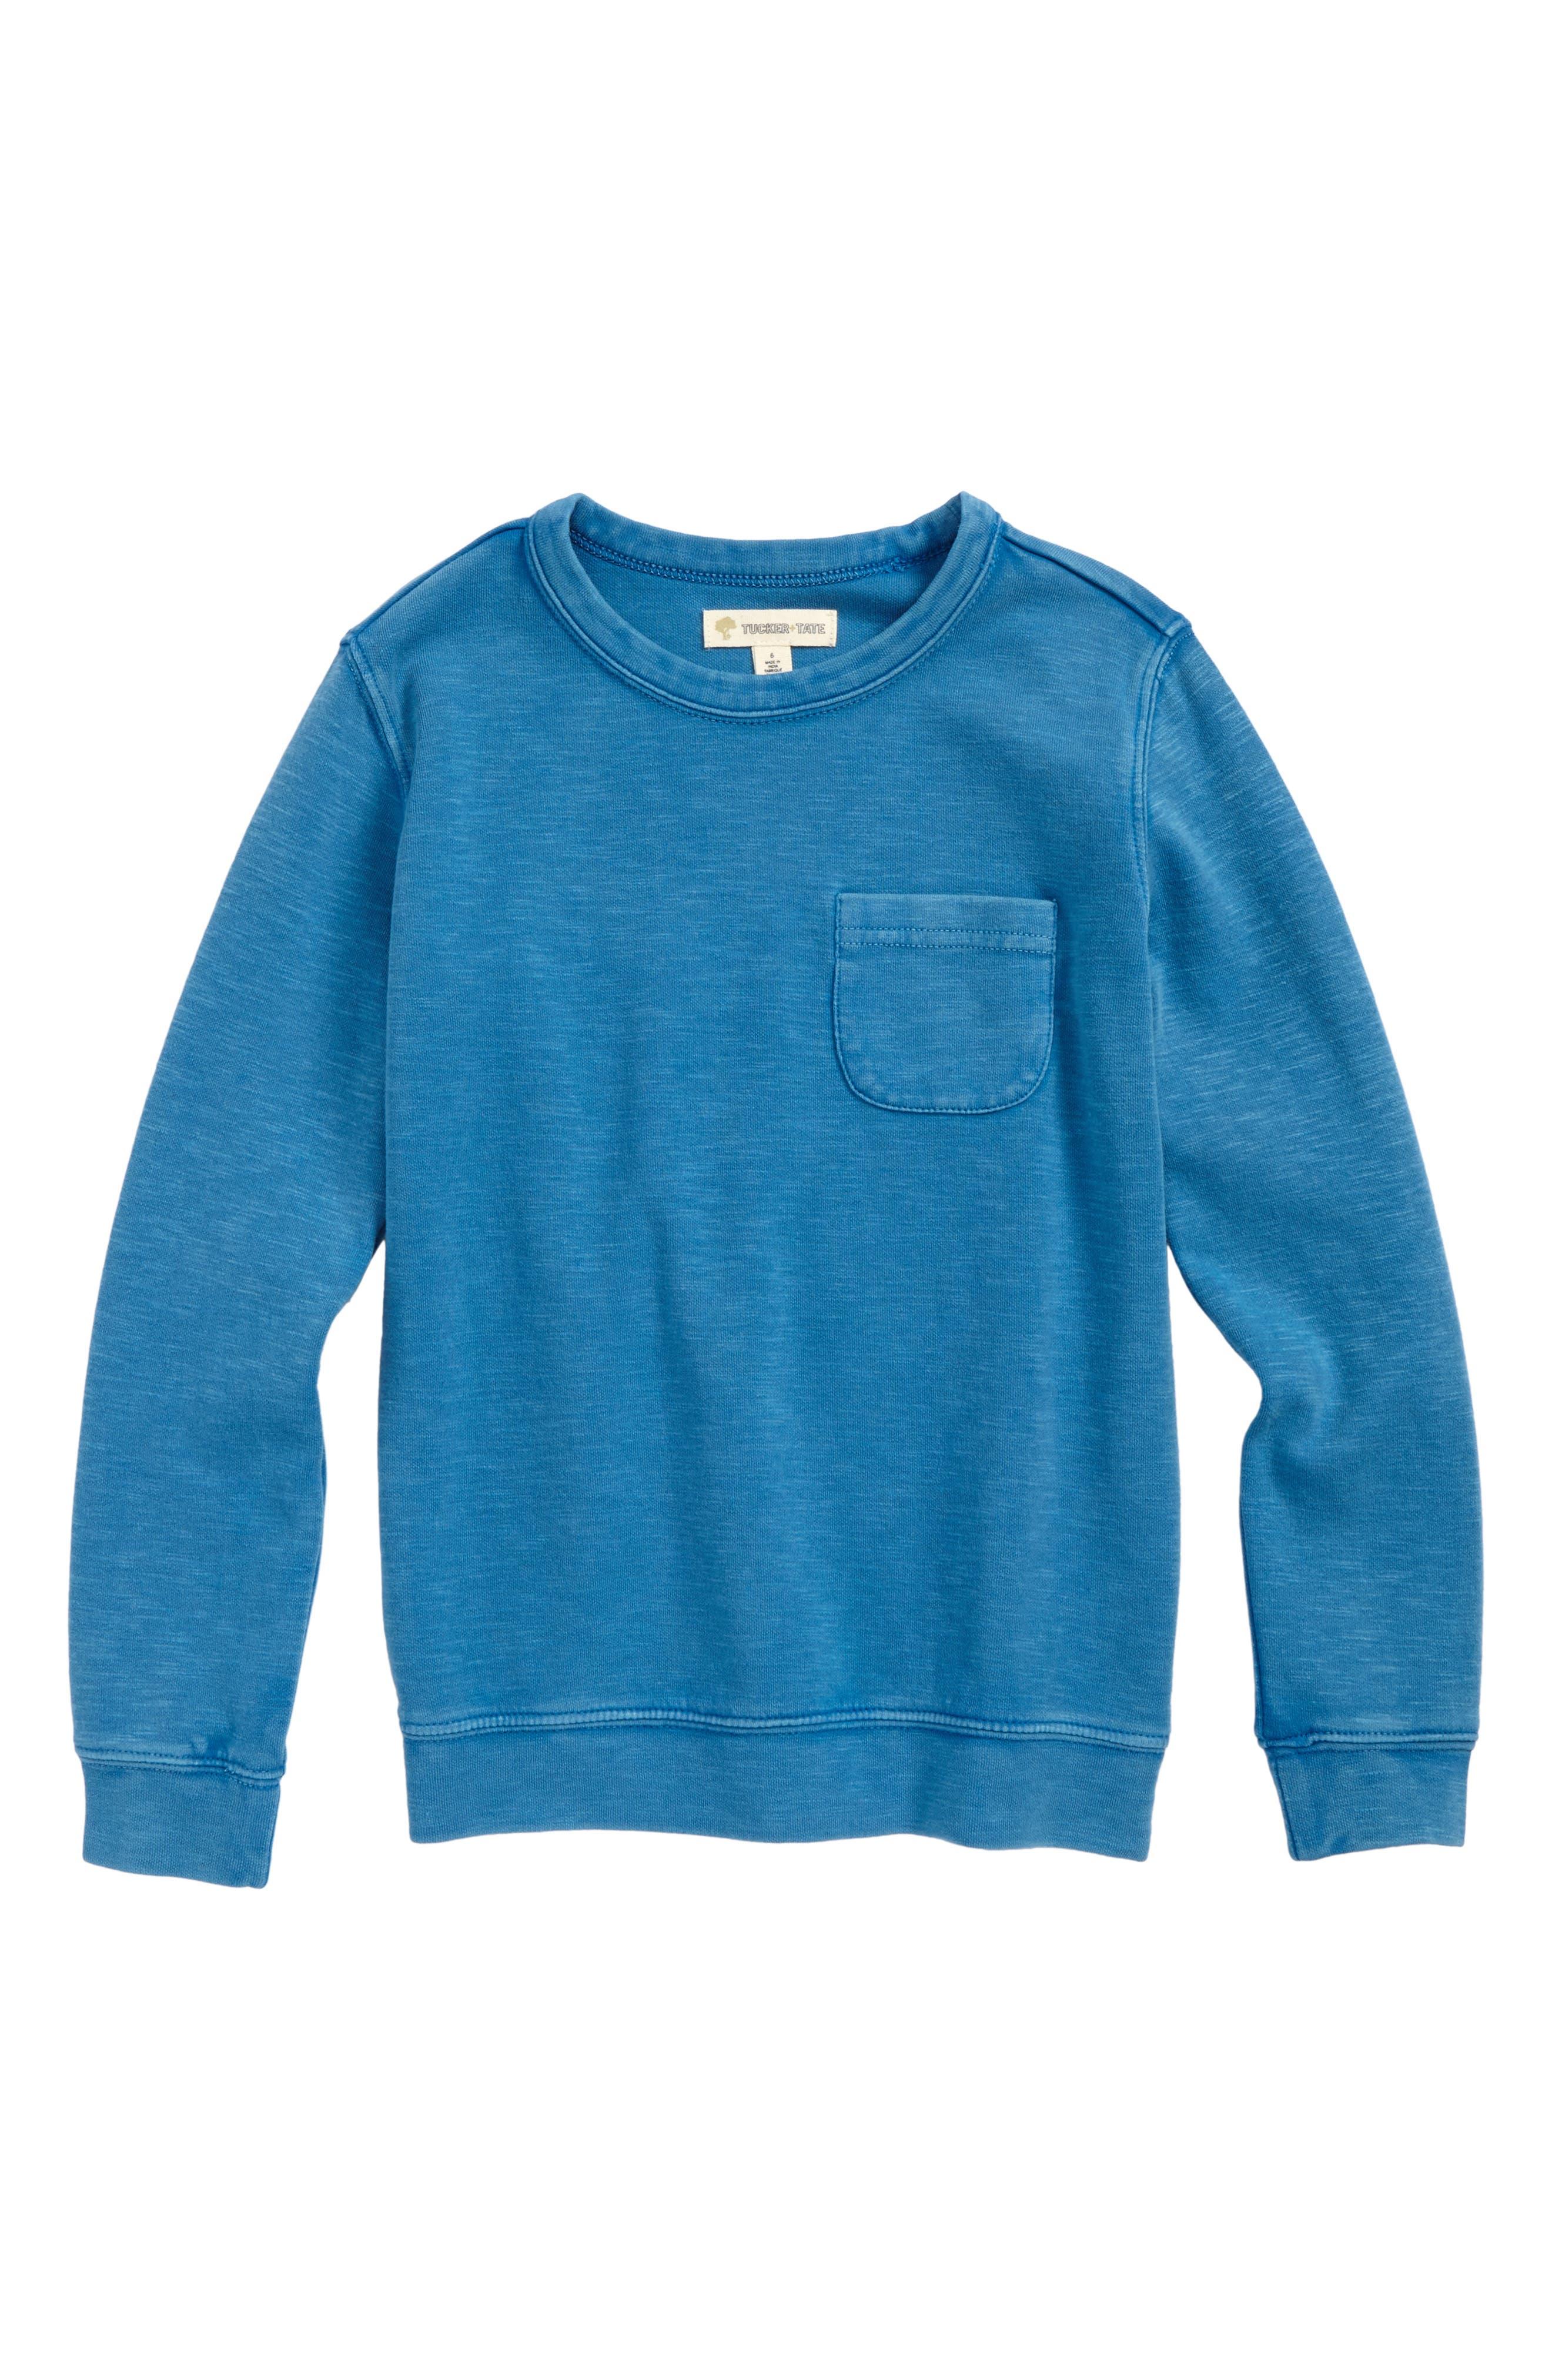 Interlock T-Shirt,                             Main thumbnail 1, color,                             Blue Cendre